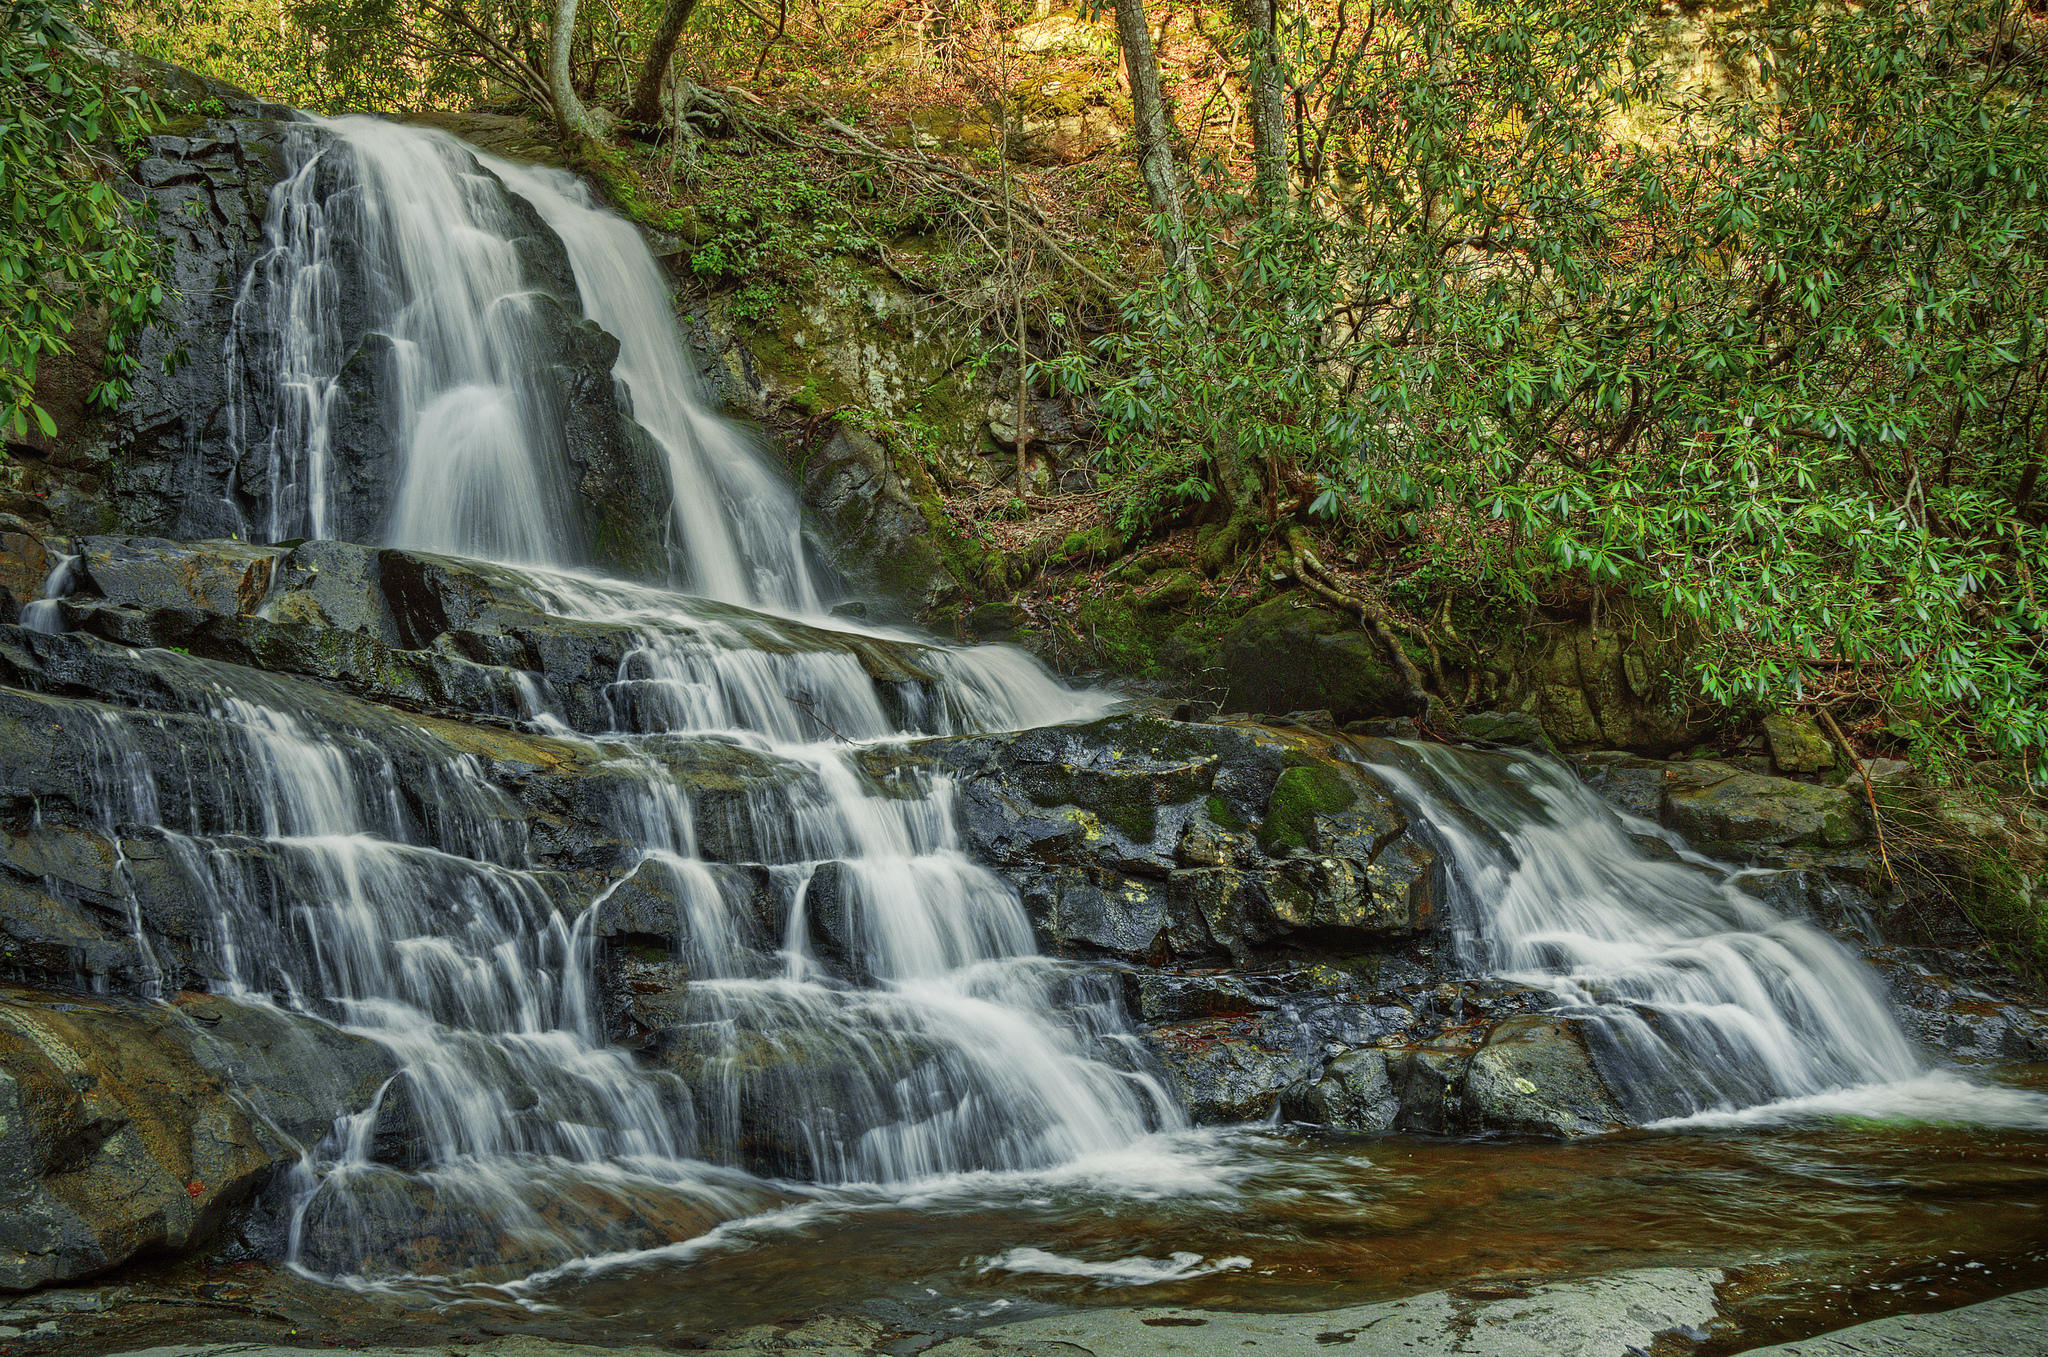 обои Национальный парк Грейт-Смоки, Laurel Falls, водопад, скалы картинки фото